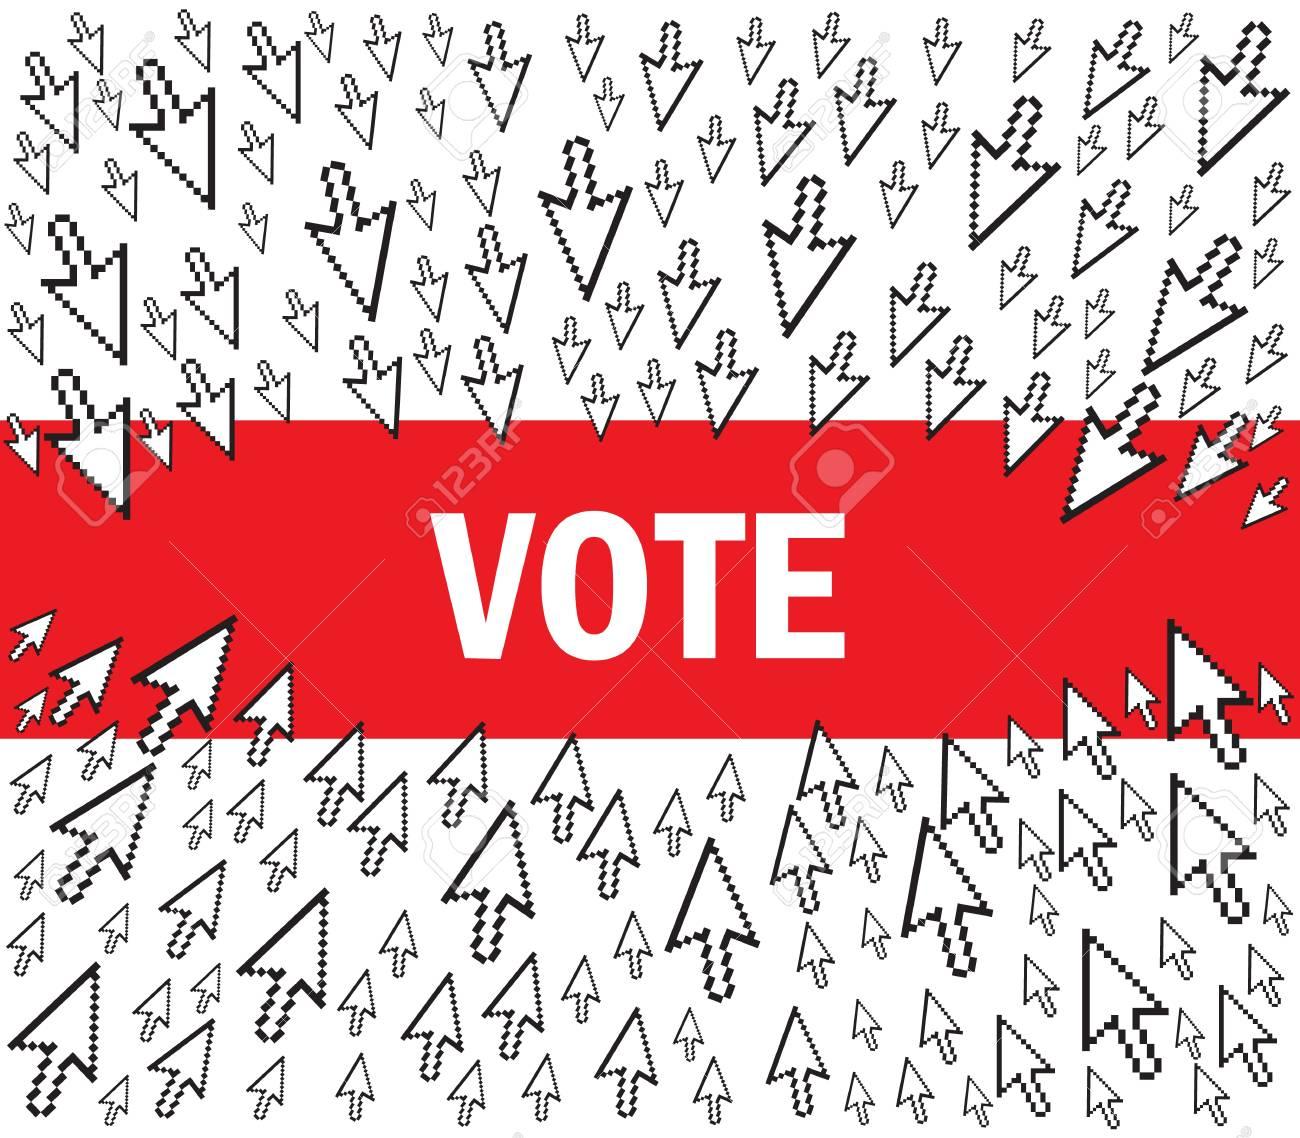 vote Stock Vector - 11660329